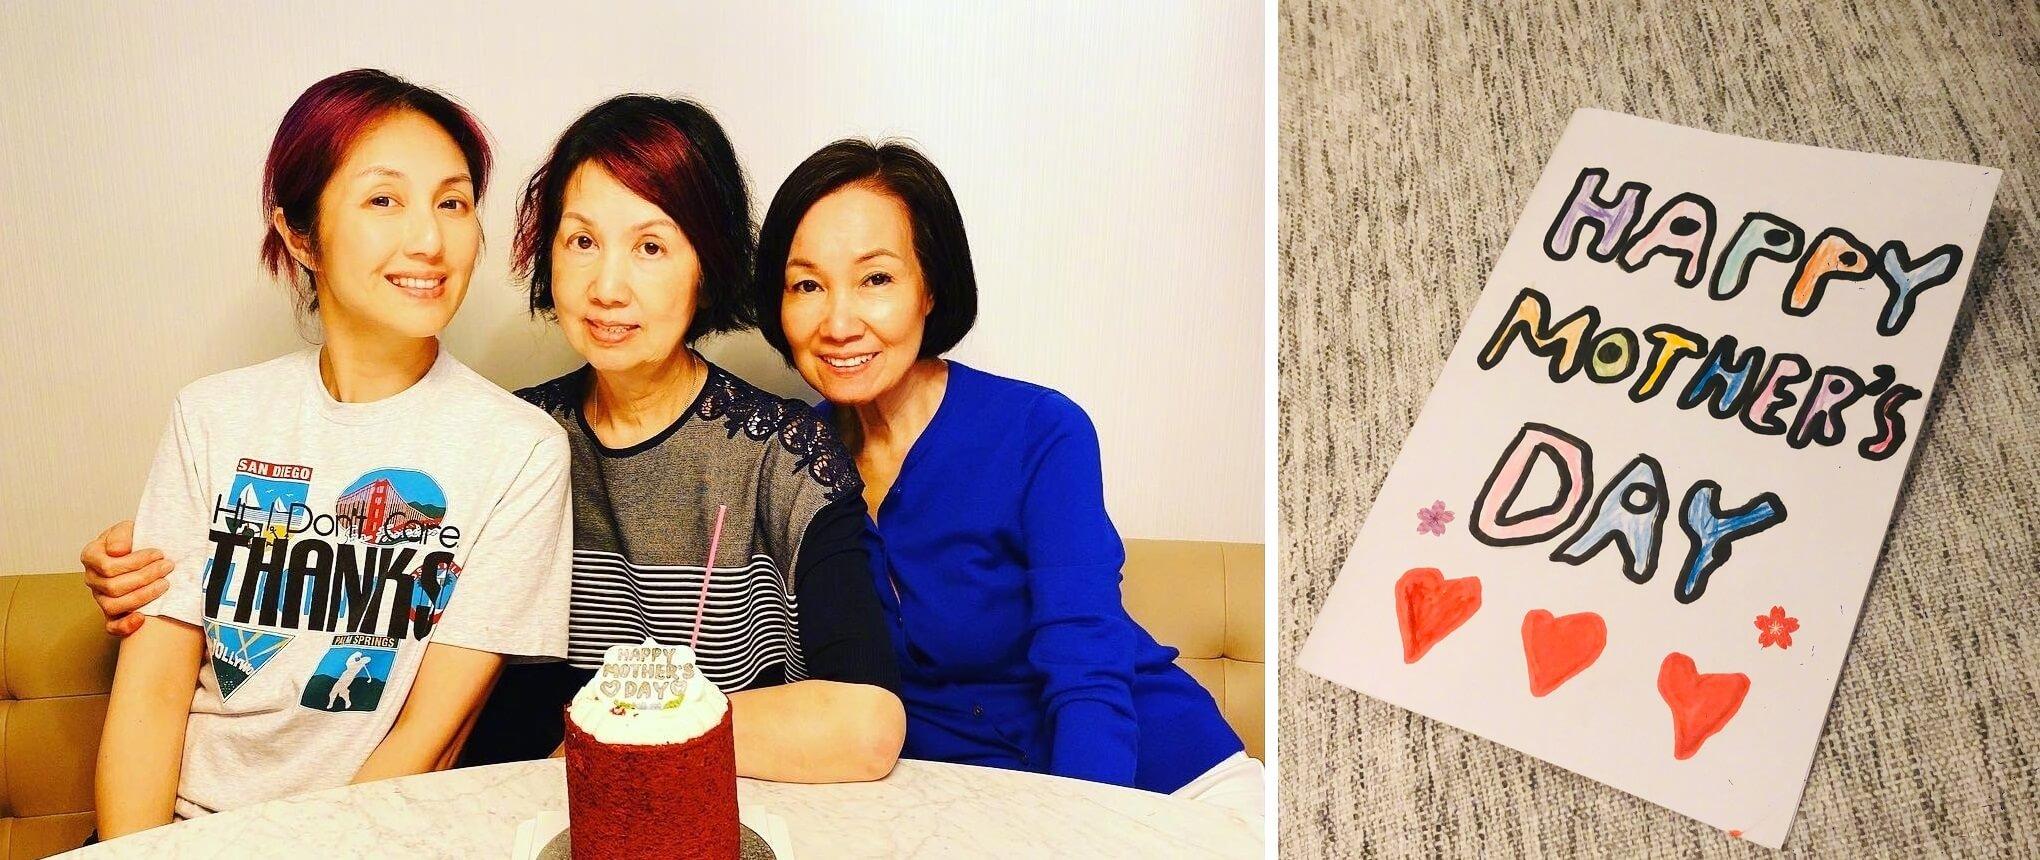 千嬅與母親及奶奶一起慶祝,她又上載了一張手畫的心意卡,可會是兒子Torres所送的禮物?